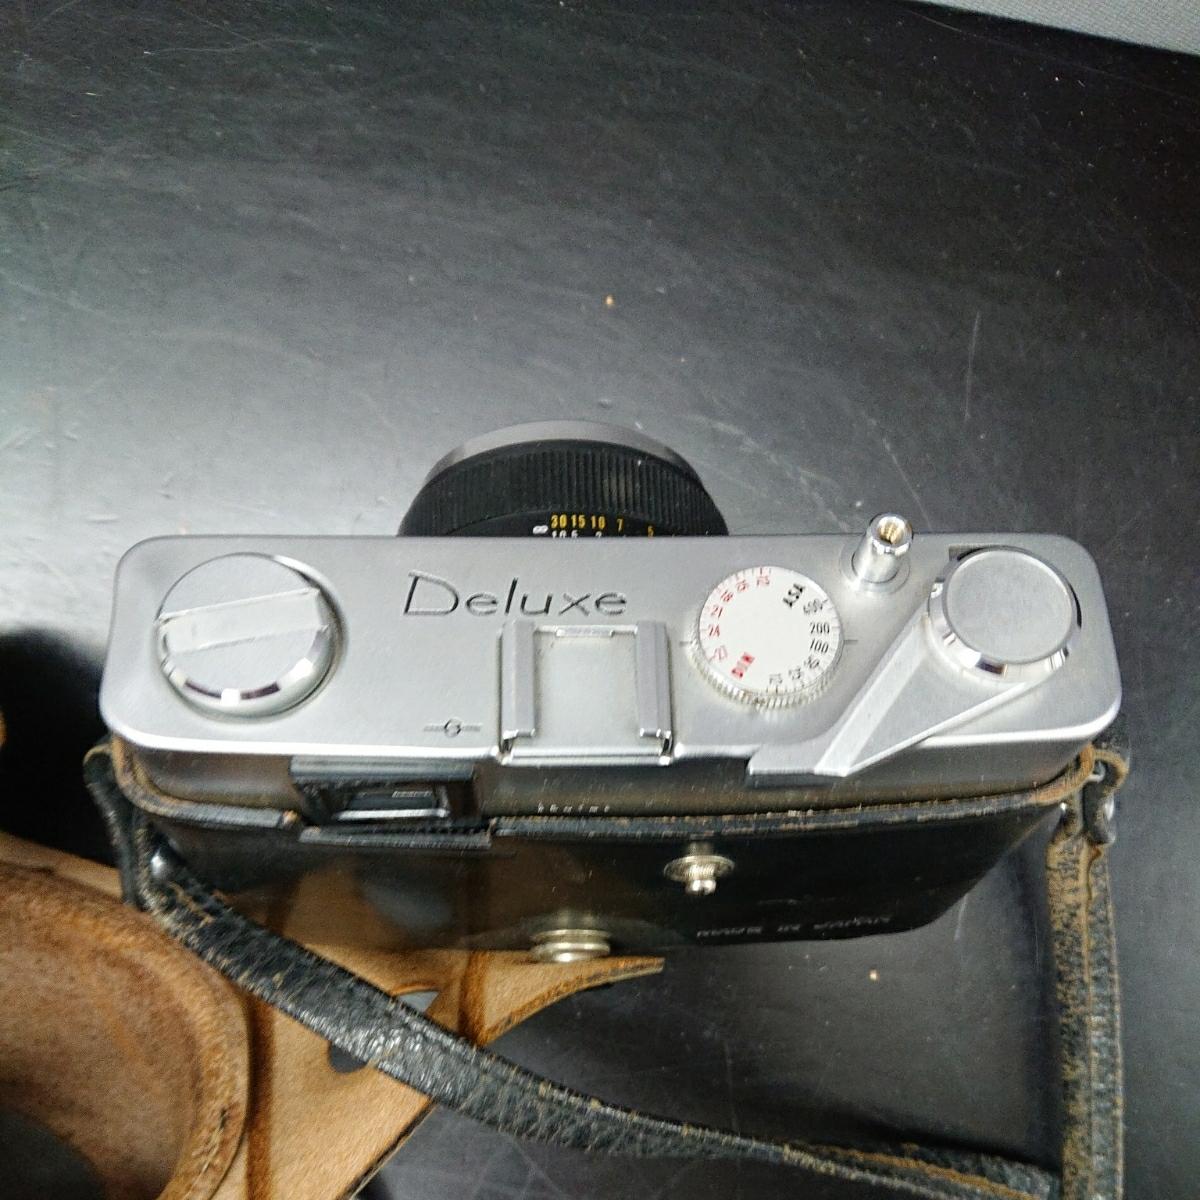 コニカ Konica EE-MATIC Deluxe KONICA HEXANON 1:2.8 f=40mm 専用ケース付き み_画像7